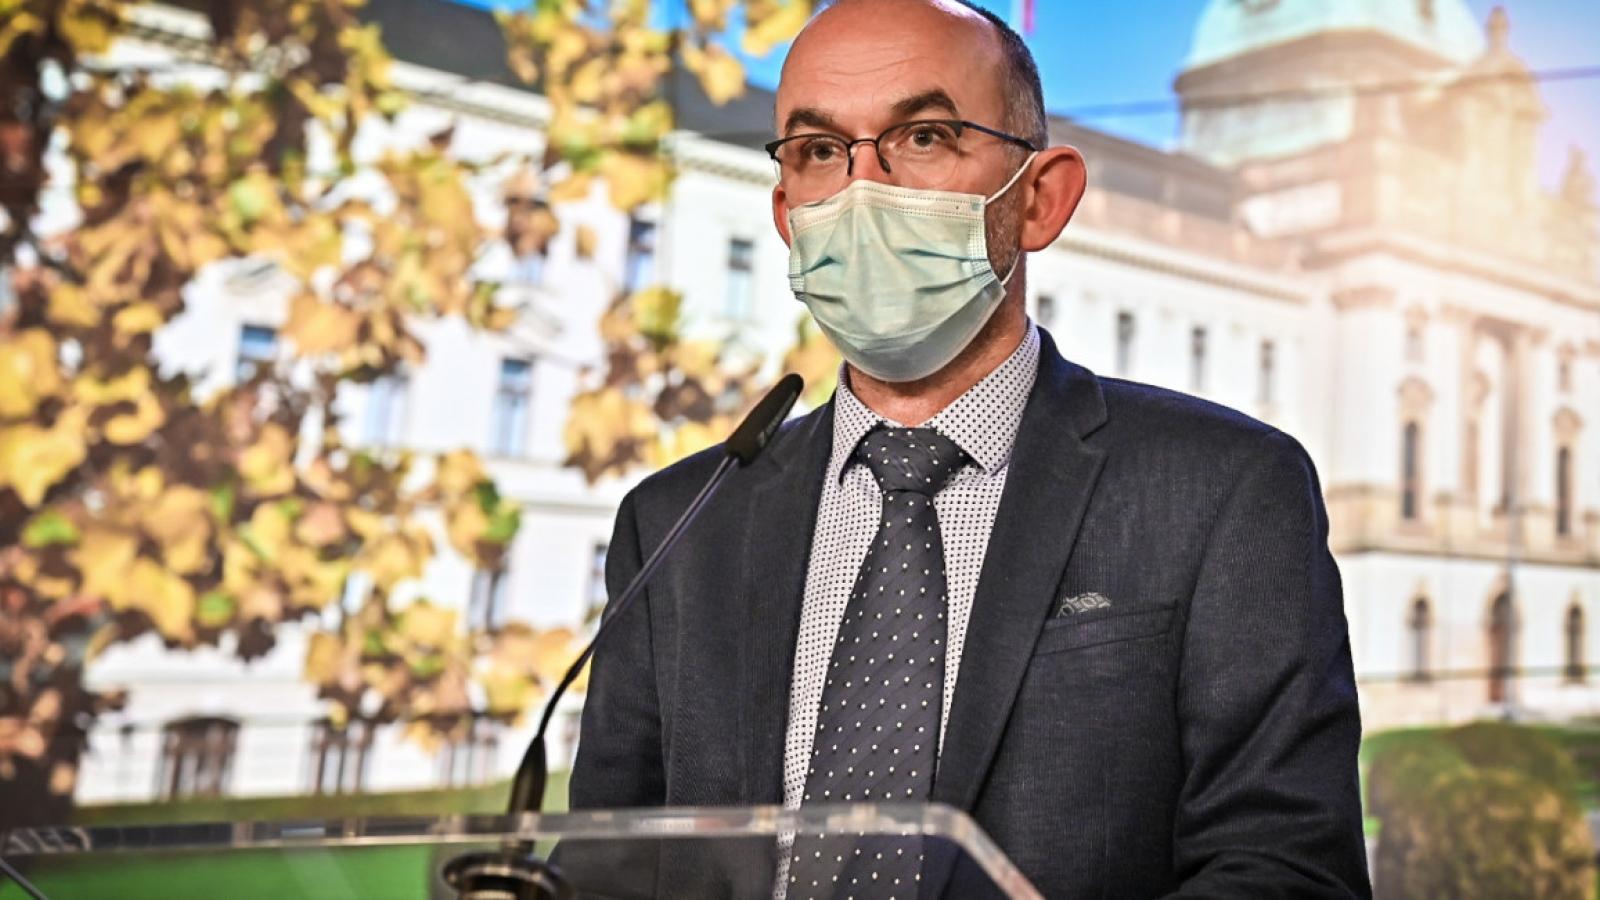 Cộng hòa Séc công bố hệ thống PES chống dịch Covid-19